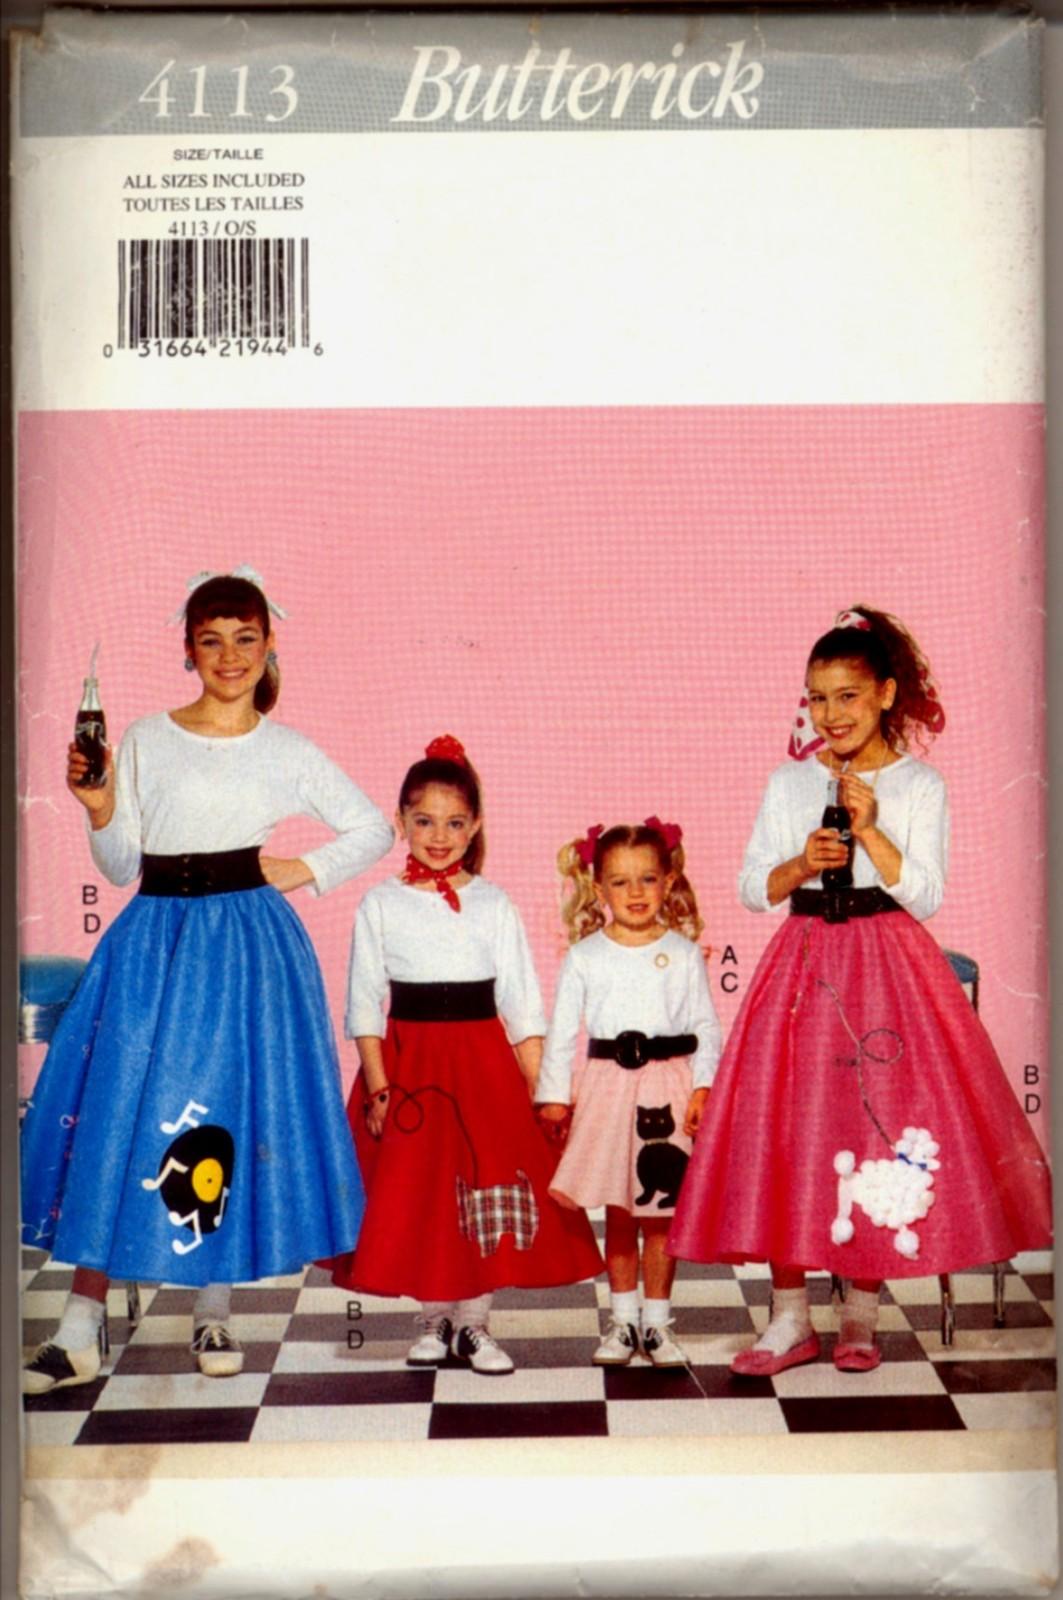 Auction 2575 b 4113 poodle skirt giels 7 14 1995 unc ff